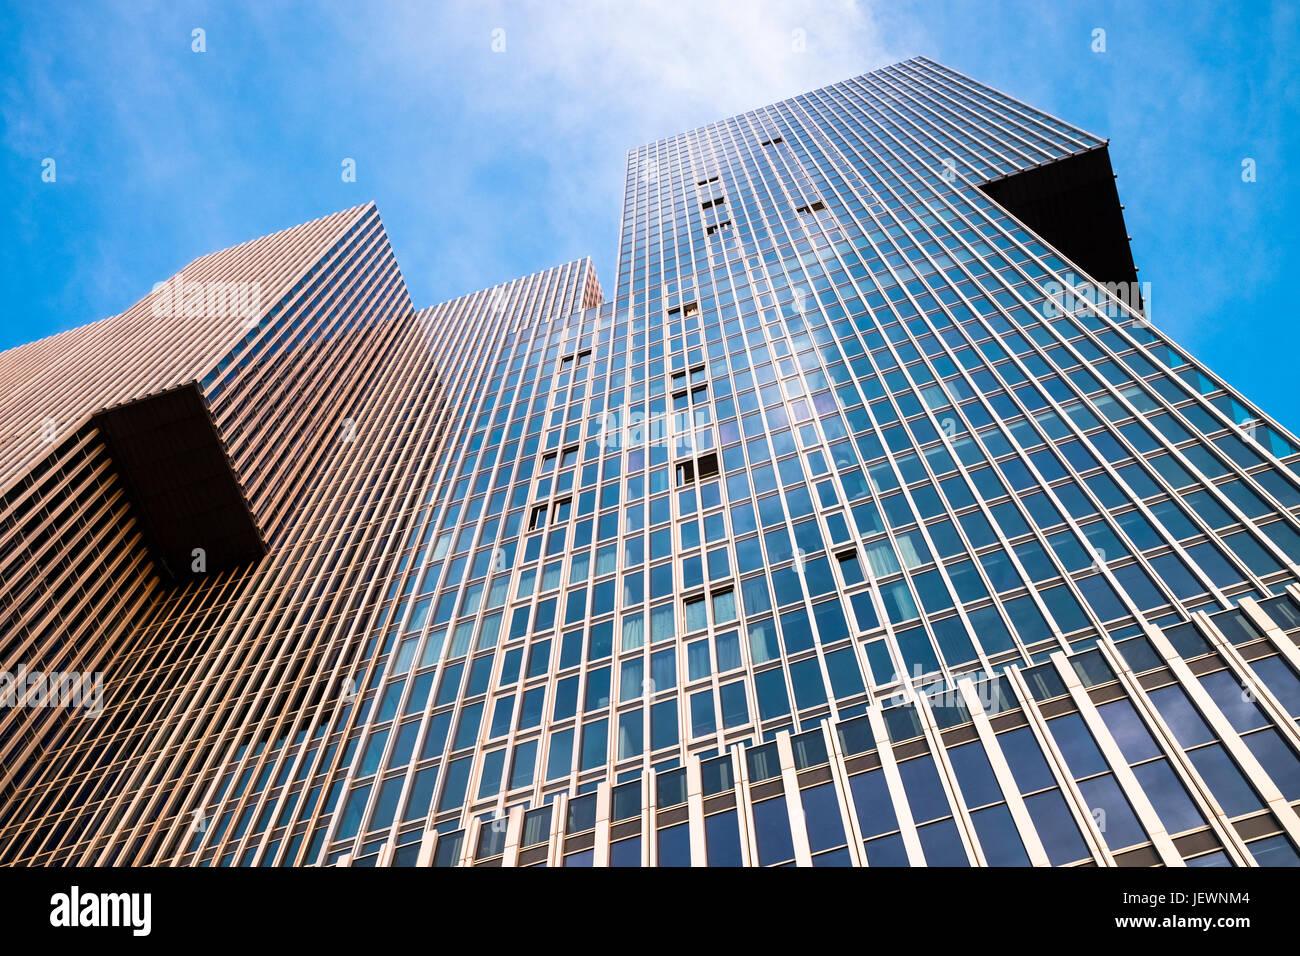 Moderne zeitgenössische Architektur, De Rotterdam vertikale Stadt, Rotterdam, Niederlande. Stockbild